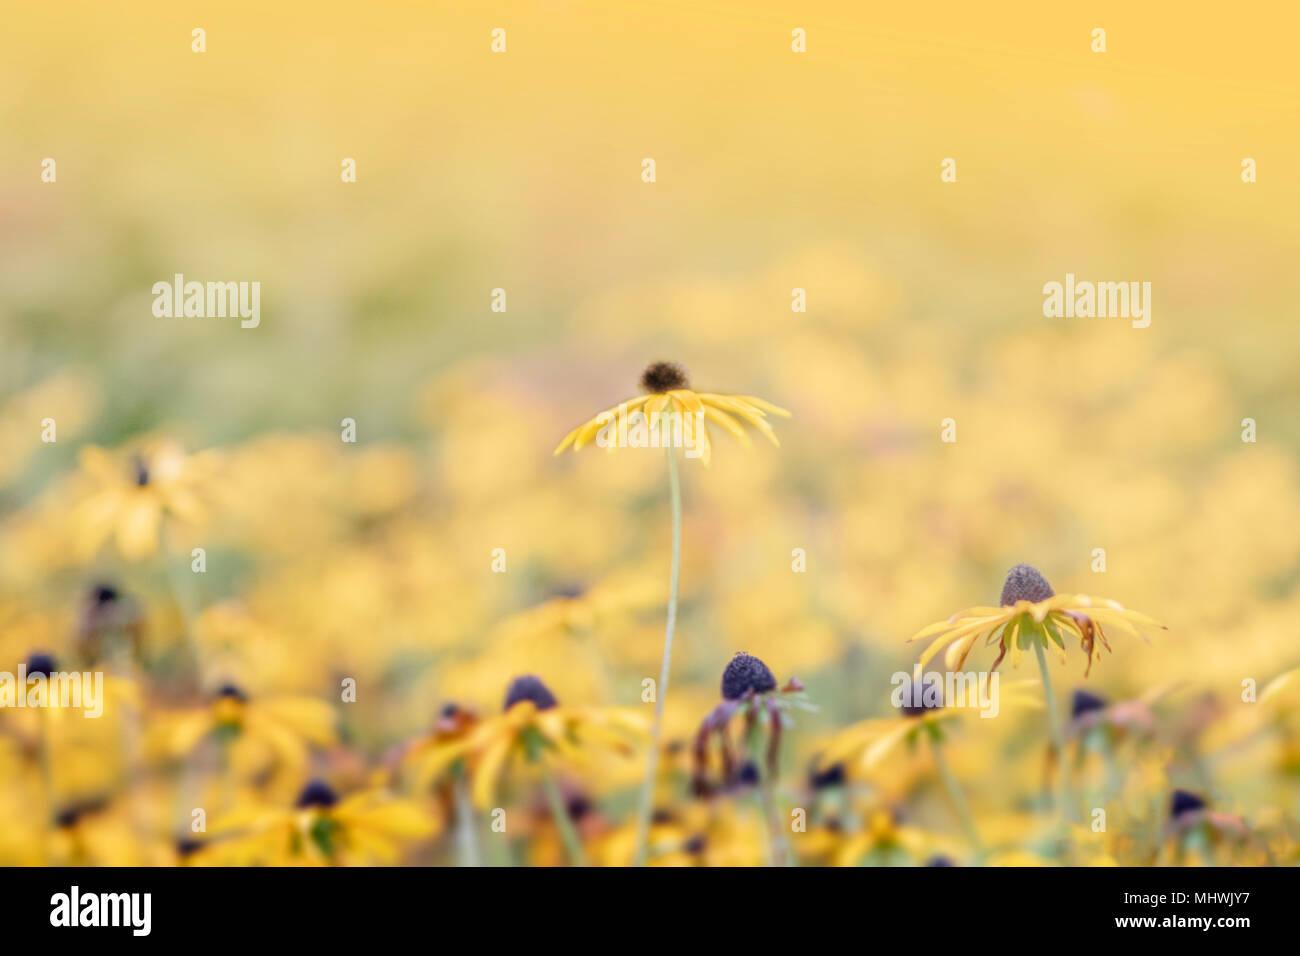 Meer von gelben Blüten mit einem ständigen über den Rest, Makro Foto so Soft Focus Stockbild